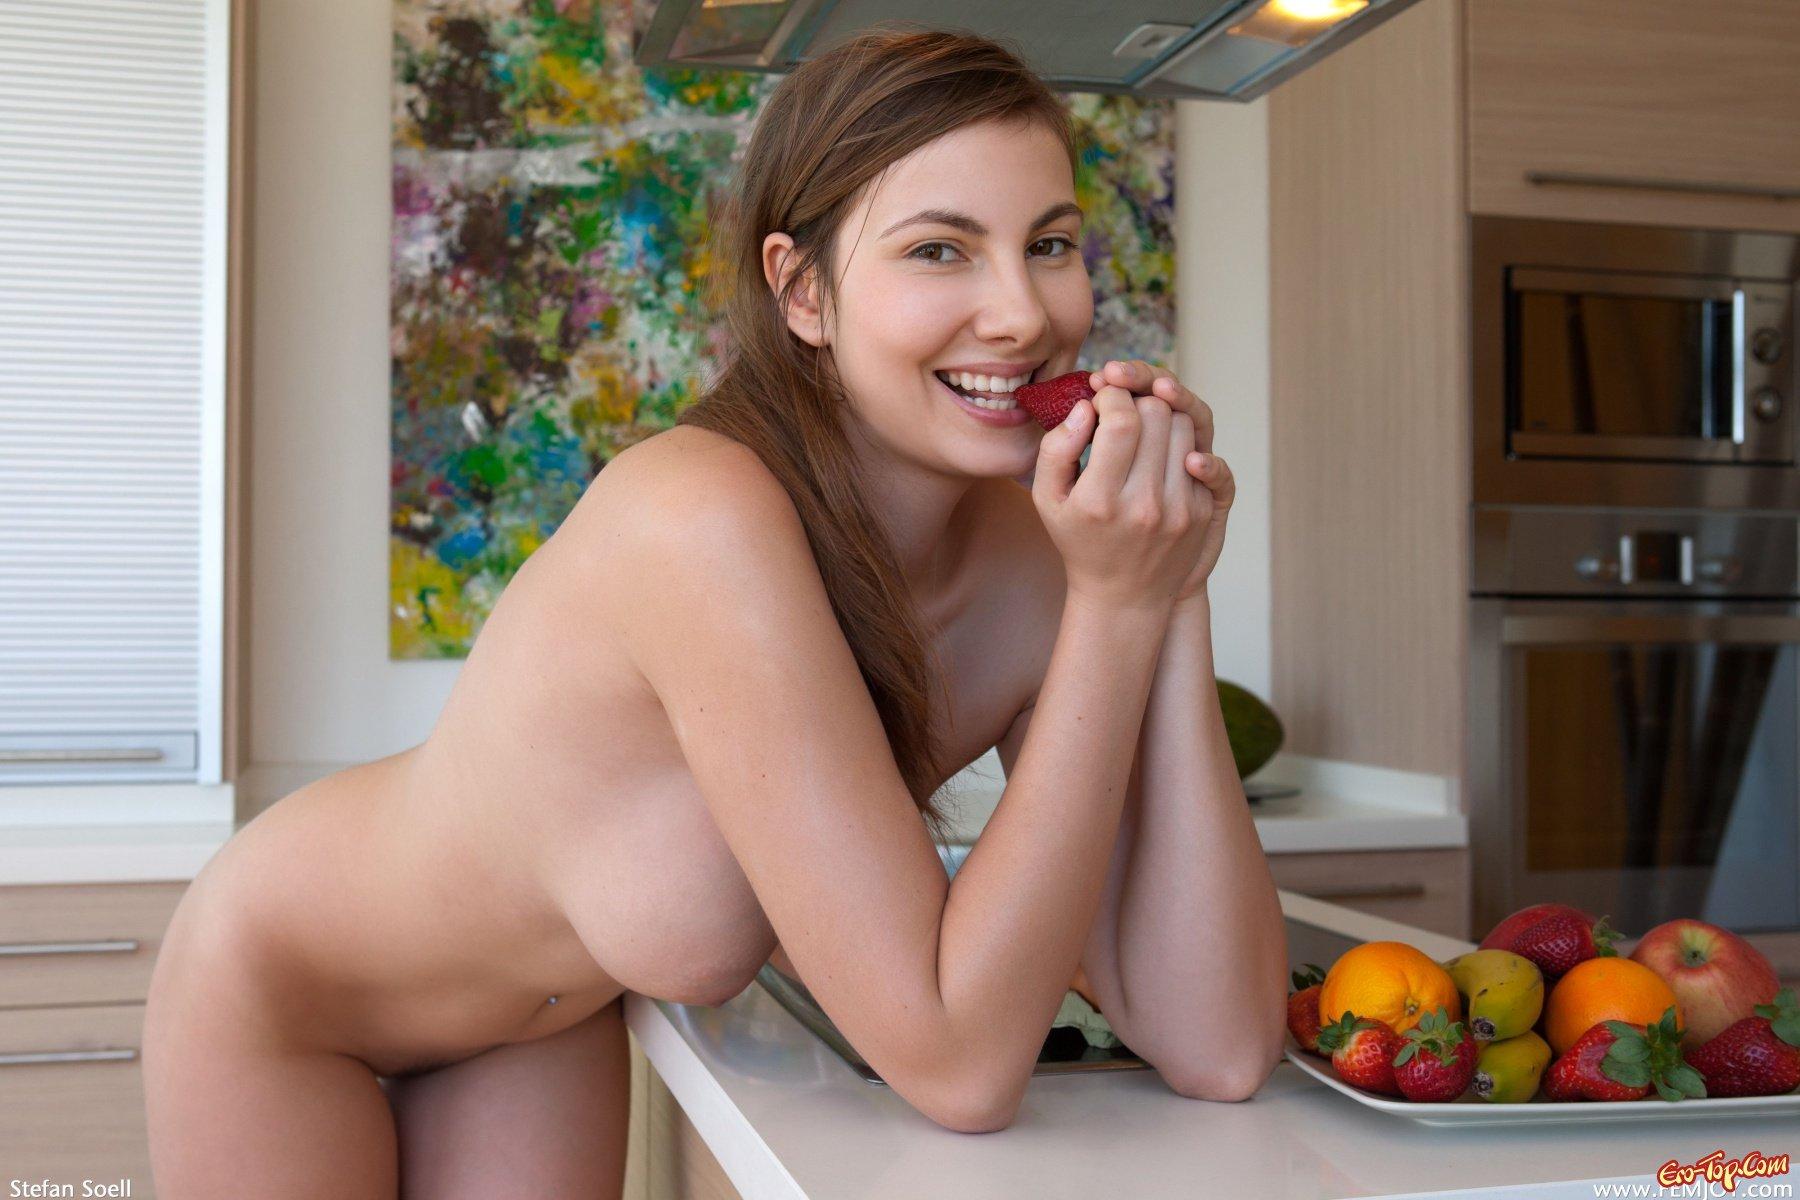 Голые женщины готовят ужин мощный оргазм смотреть